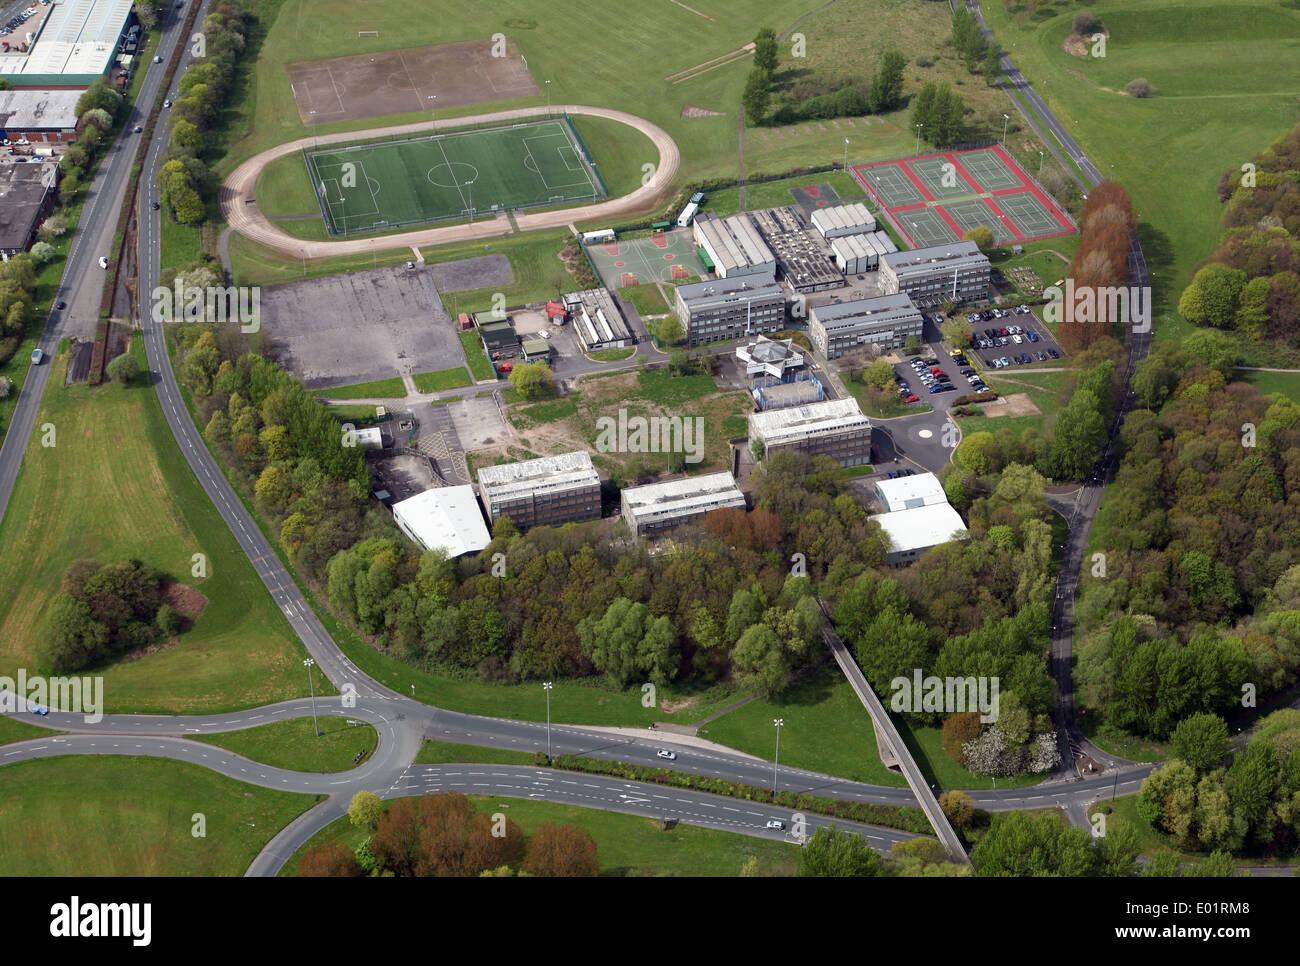 Vue aérienne de Glenburn Sports College à Skelmersdale Photo Stock